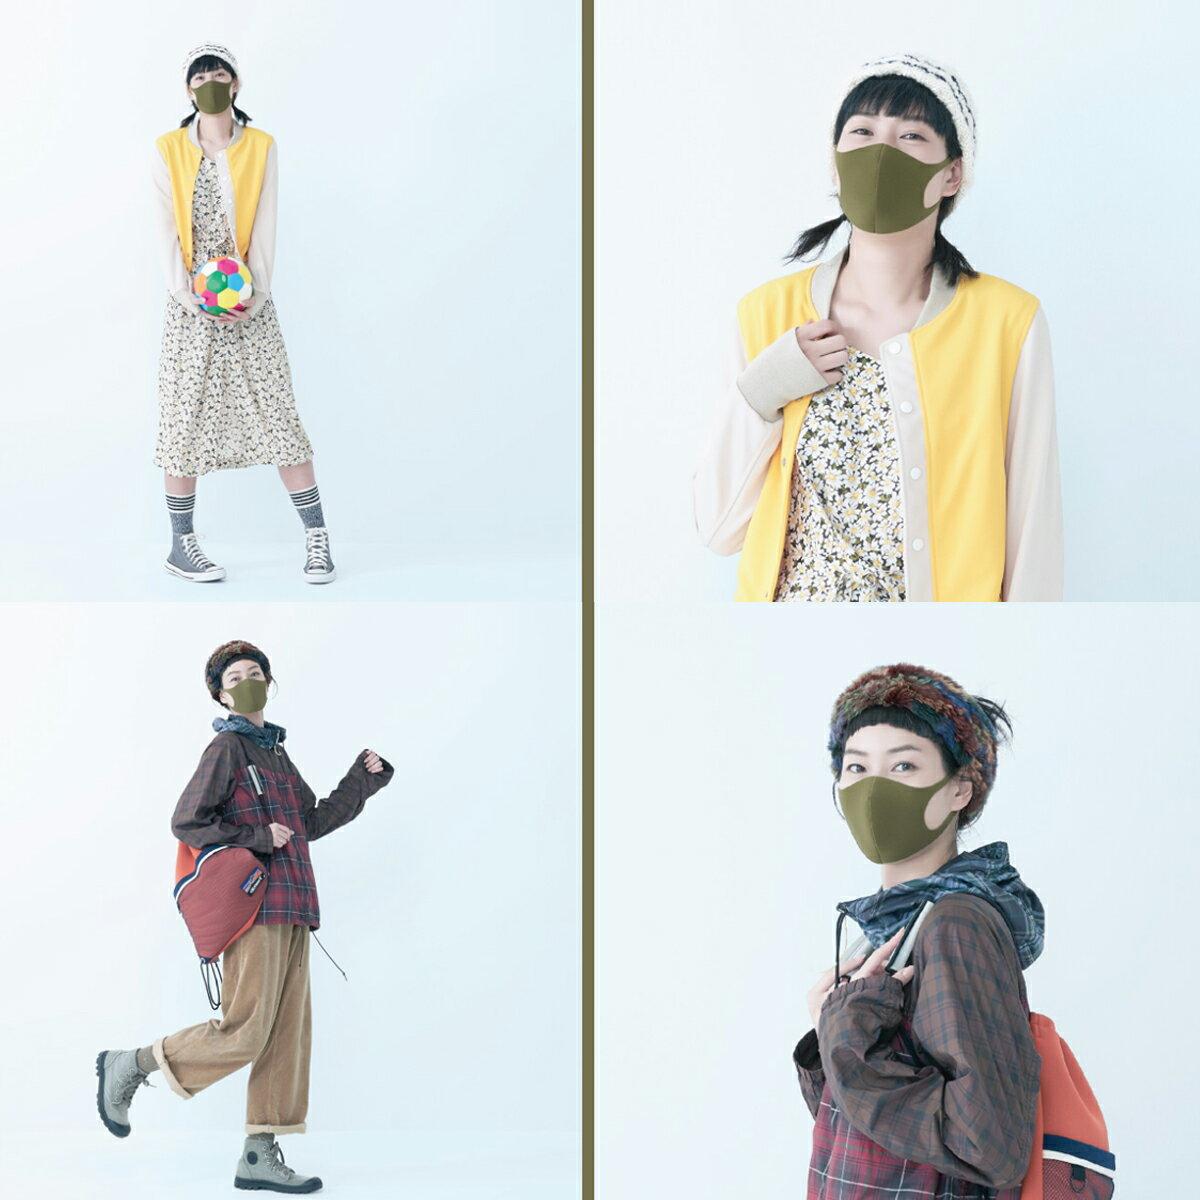 国内正規品 ピッタマスク PITTA MASK ライトグレー グレー ホワイト ピンク ネイビー カーキー  スモールモード  3枚入(1袋)耳らく 普通 スポンジマスク 日本製マスク マスク日本製